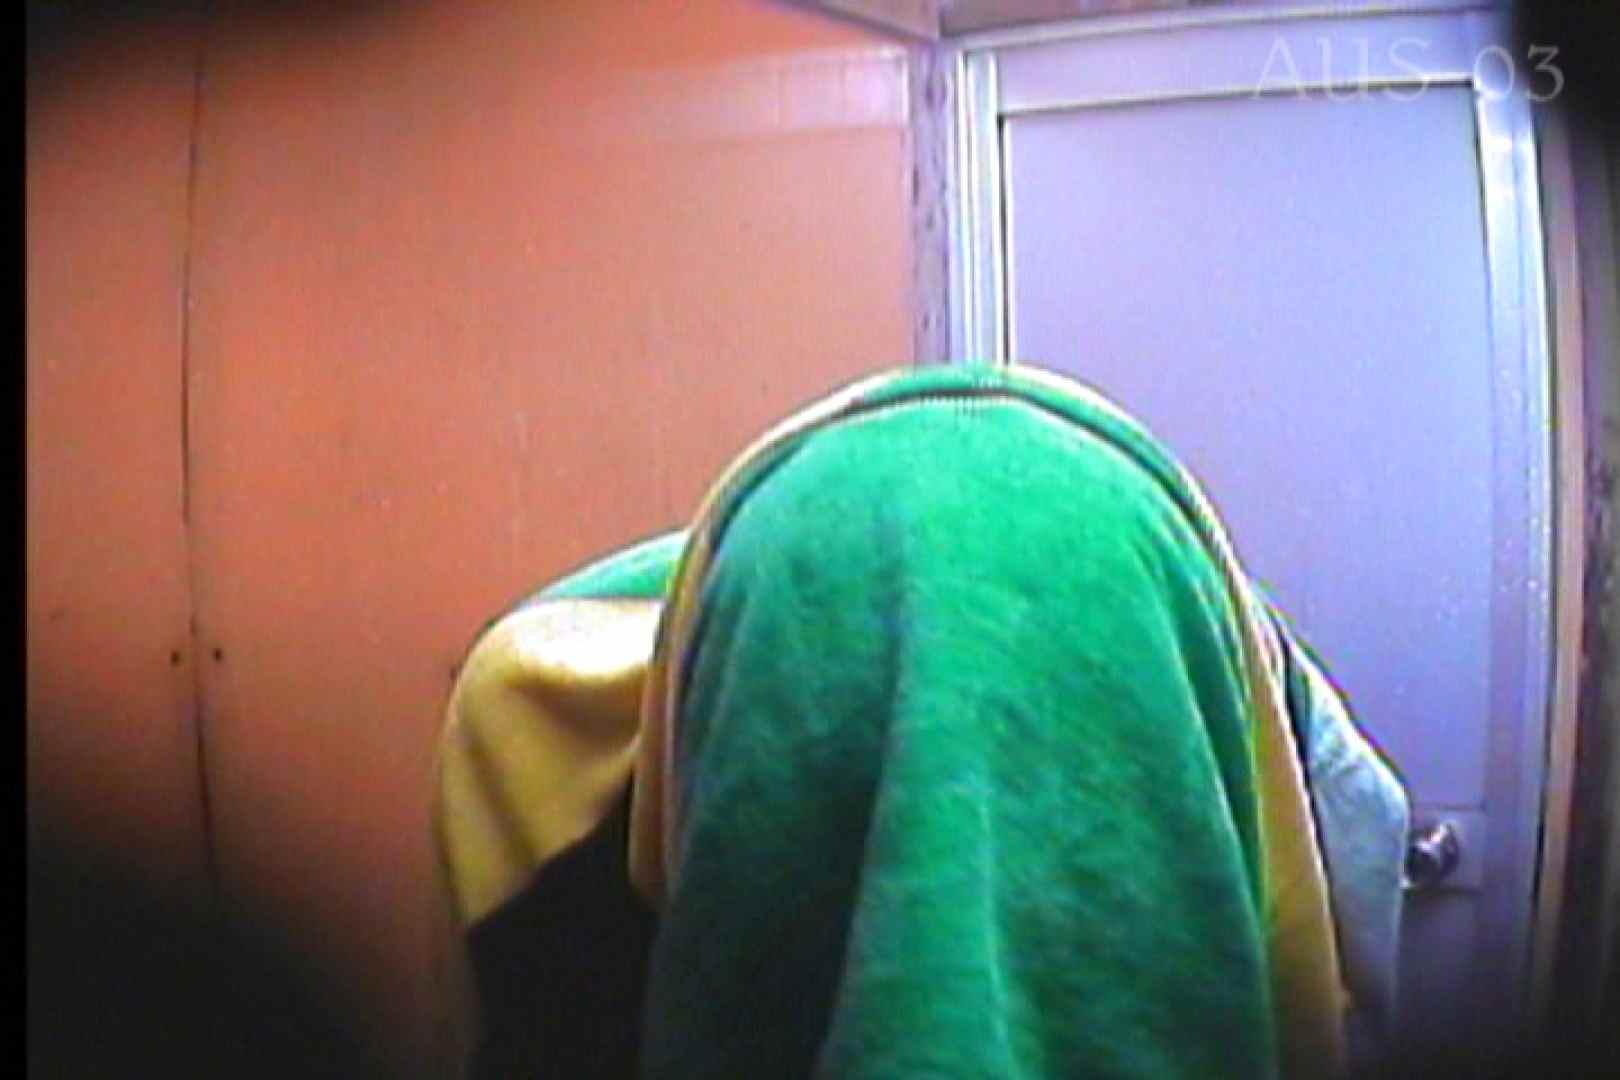 海の家の更衣室 Vol.11 OLの実態 盗み撮り動画キャプチャ 69pic 62